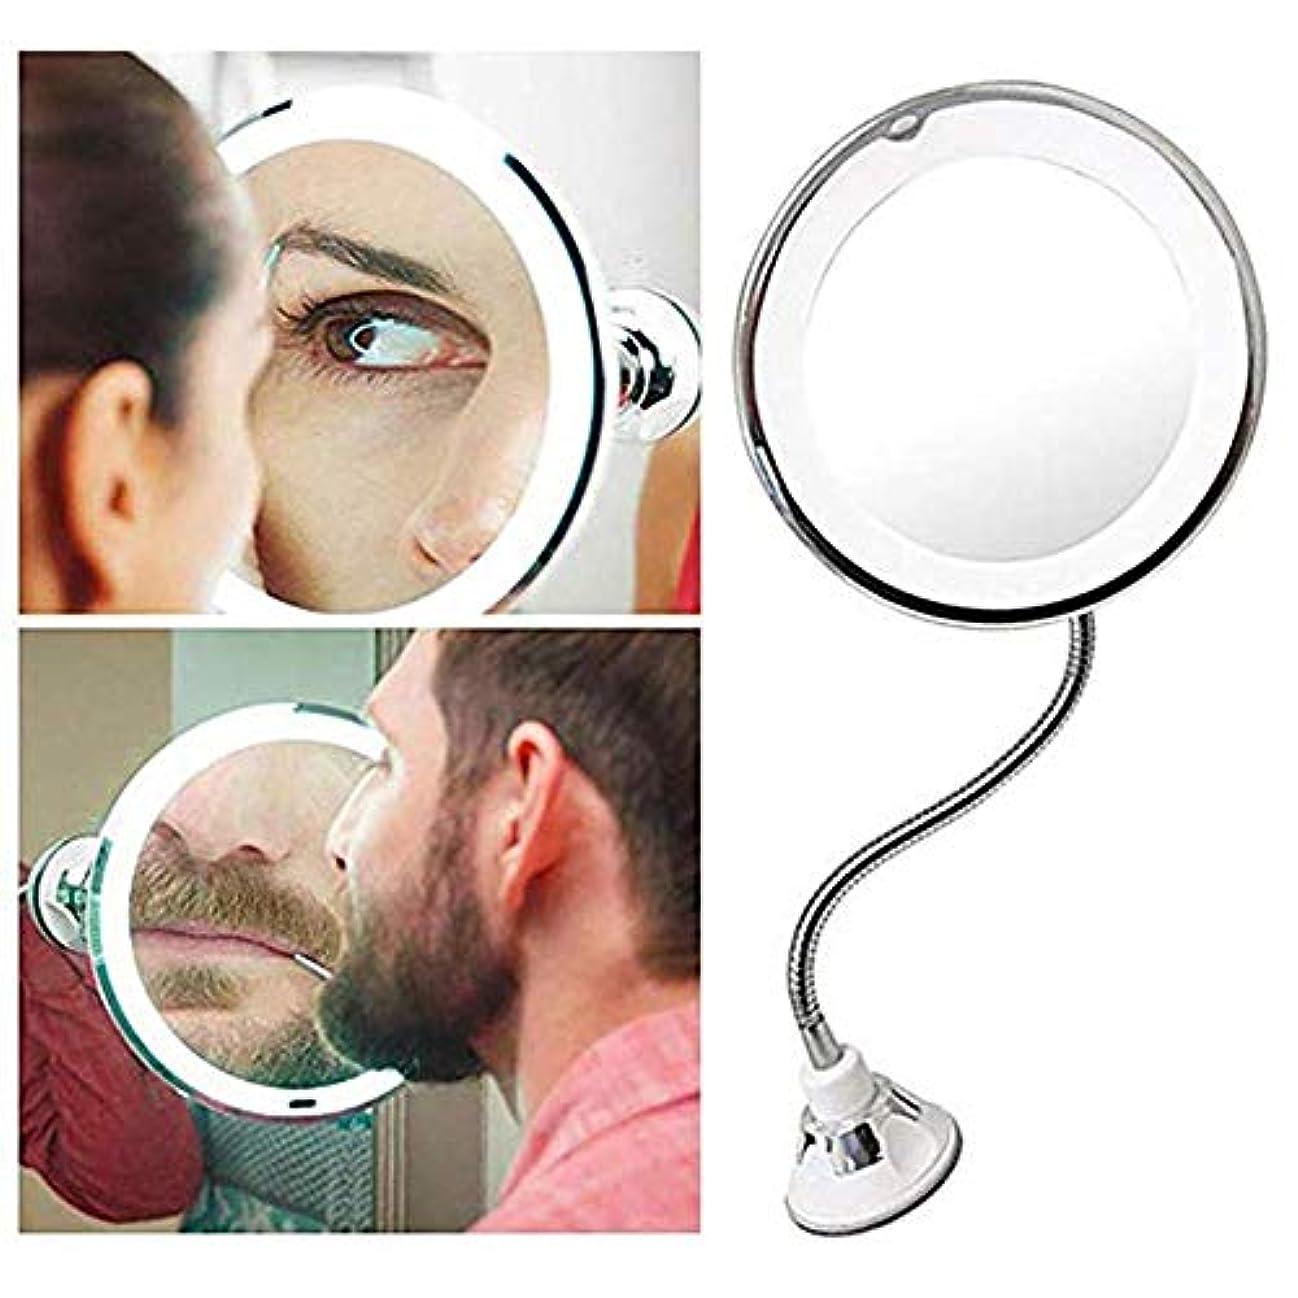 レスリングモルヒネ援助する7倍 LED化粧鏡 風呂鏡 吸盤ロック付き 浴室鏡 化粧ミラー 360度回転 メイクミラー LUERME 吸盤ロック付き 化粧ミラー シャワーミラー 鏡面直径17CM